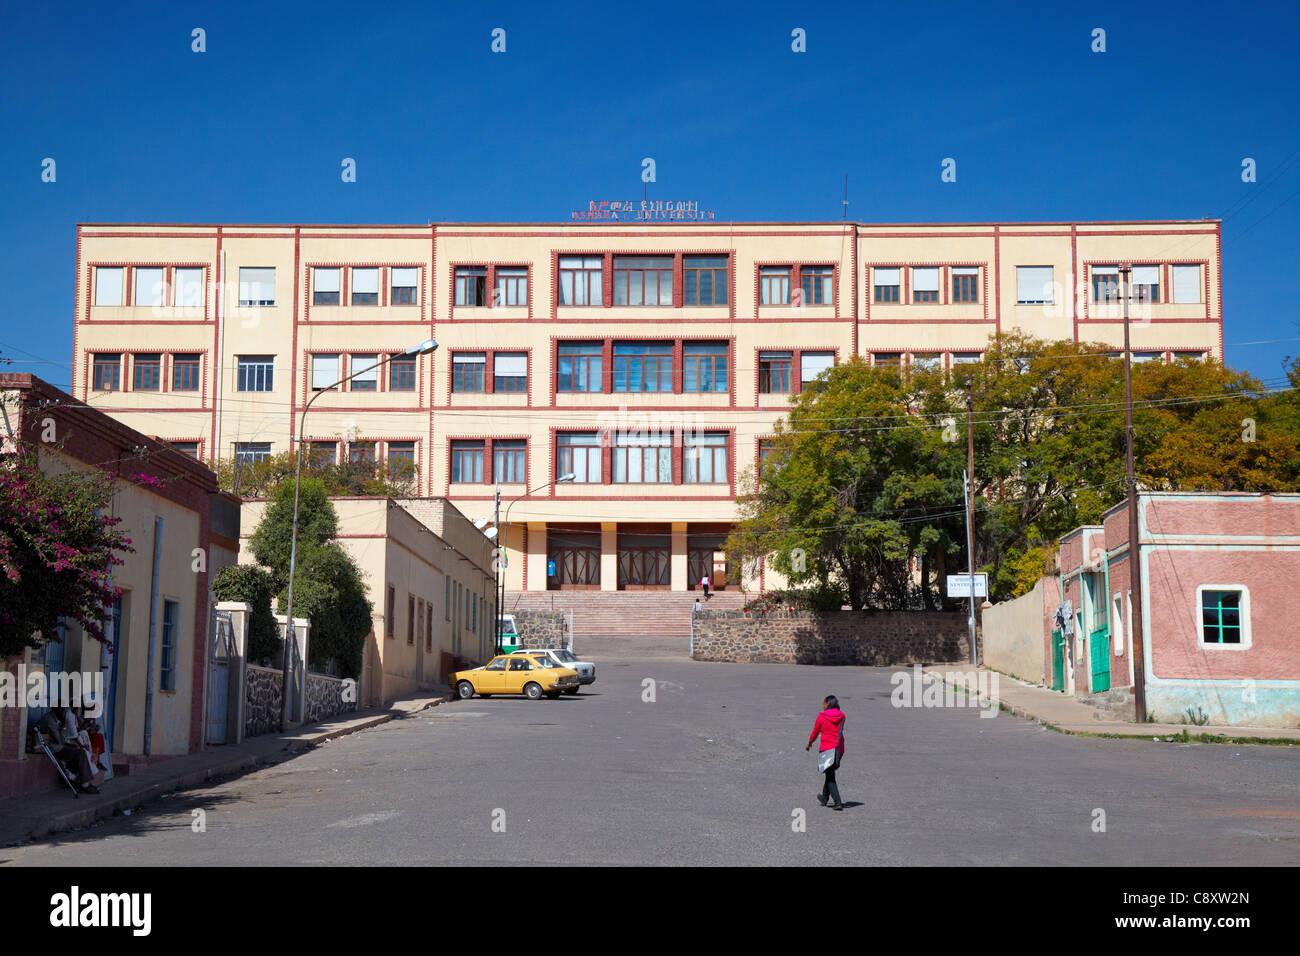 Asmara University, Asmara, Eritrea, Africa Stock Photo